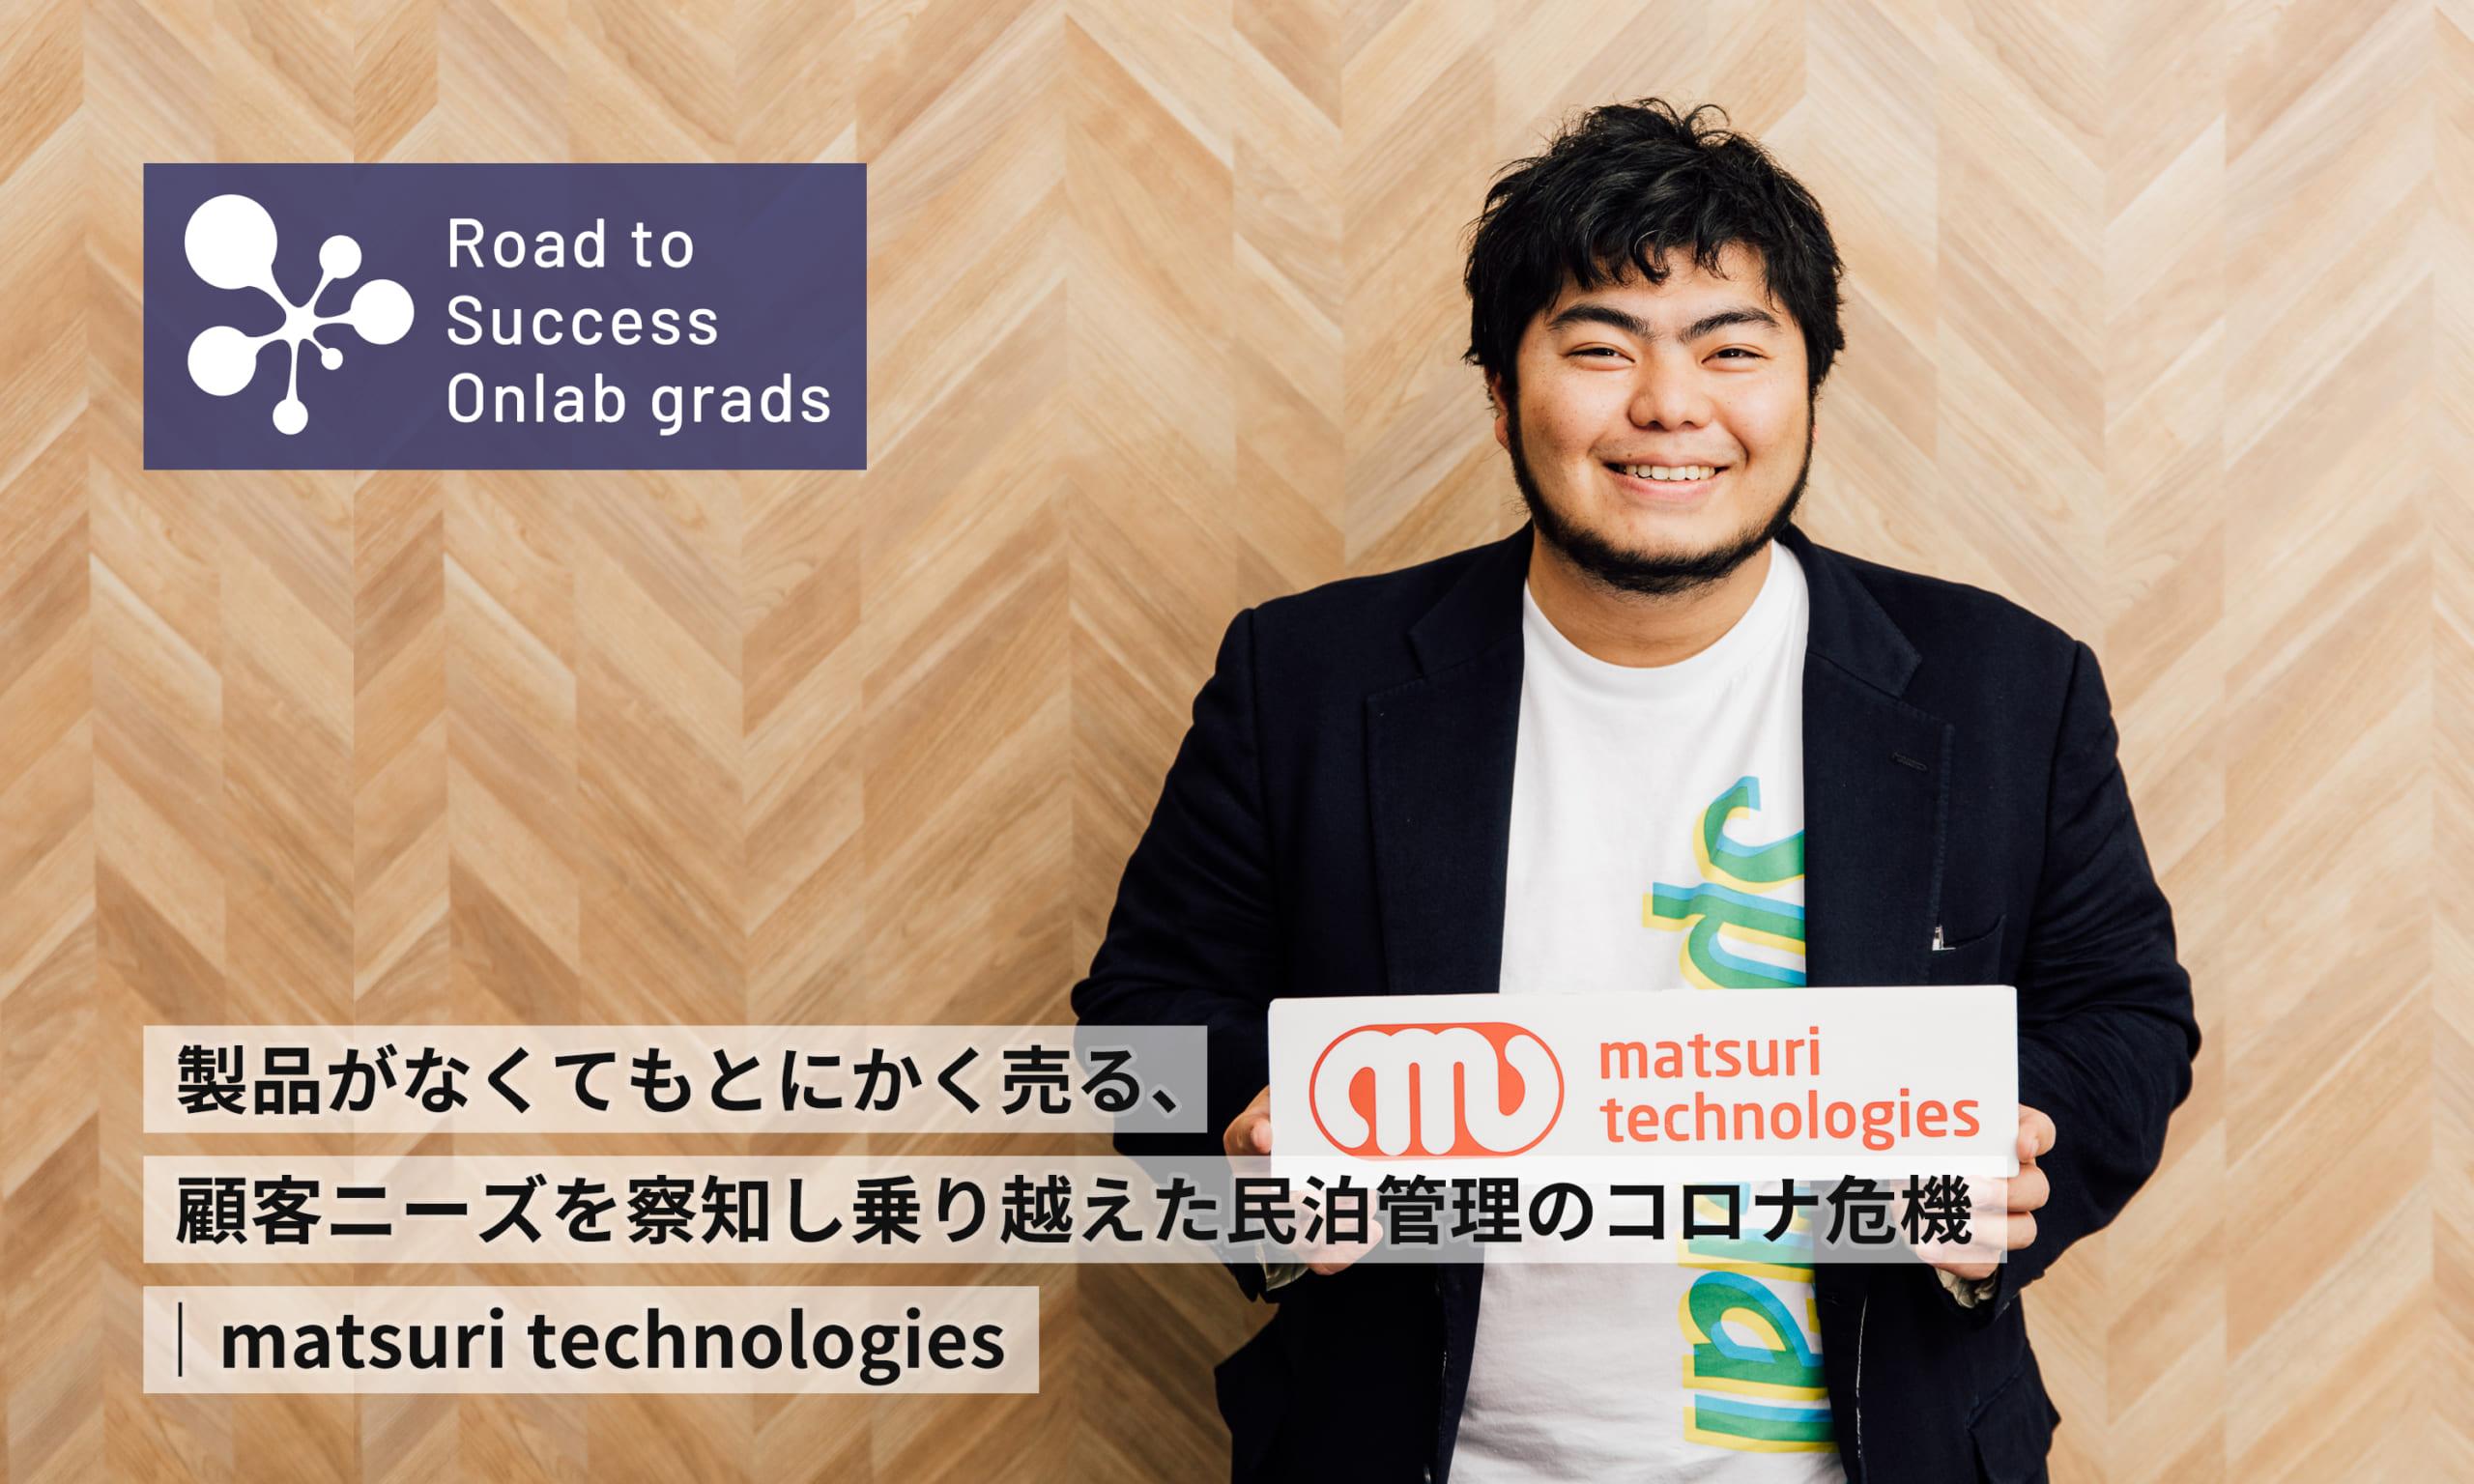 製品がなくてもとにかく売る、顧客ニーズを察知し乗り越えた民泊管理のコロナ危機|matsuri technologies|Road to Success Onlab grads vol.11